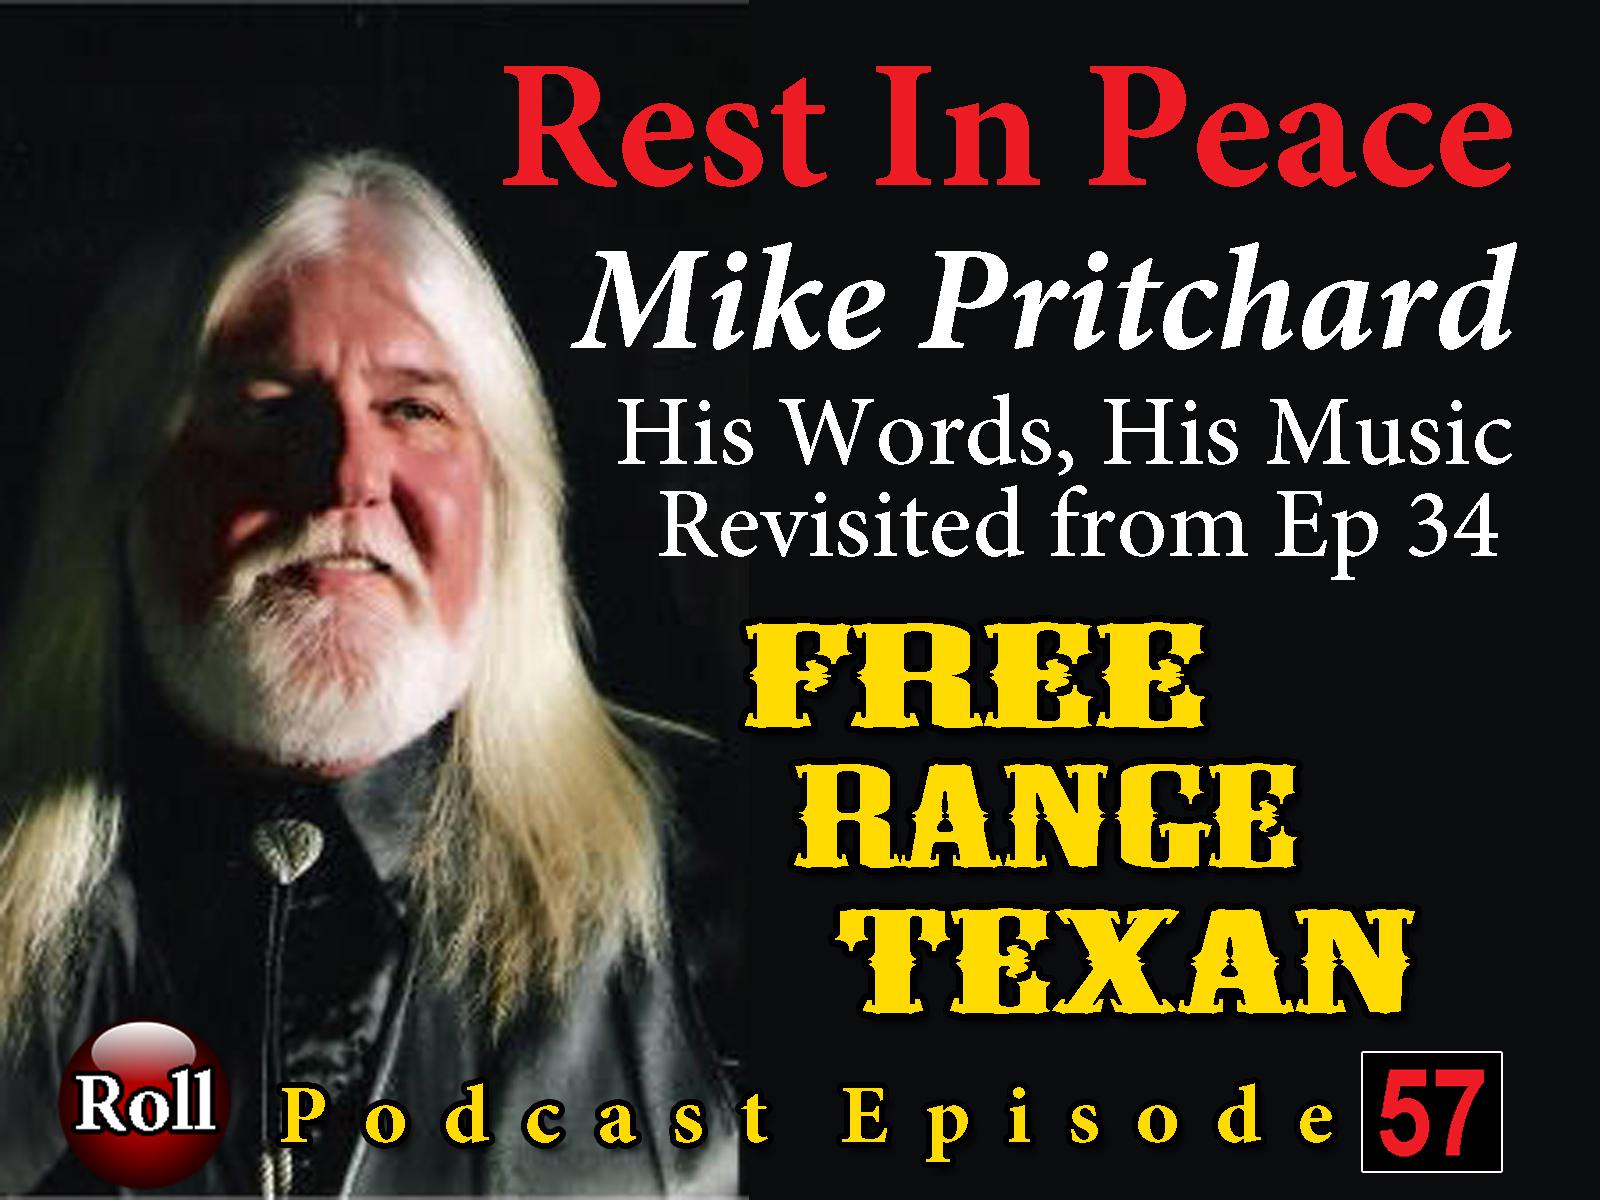 Free Range Texan Episode 57 Mike Pritchard